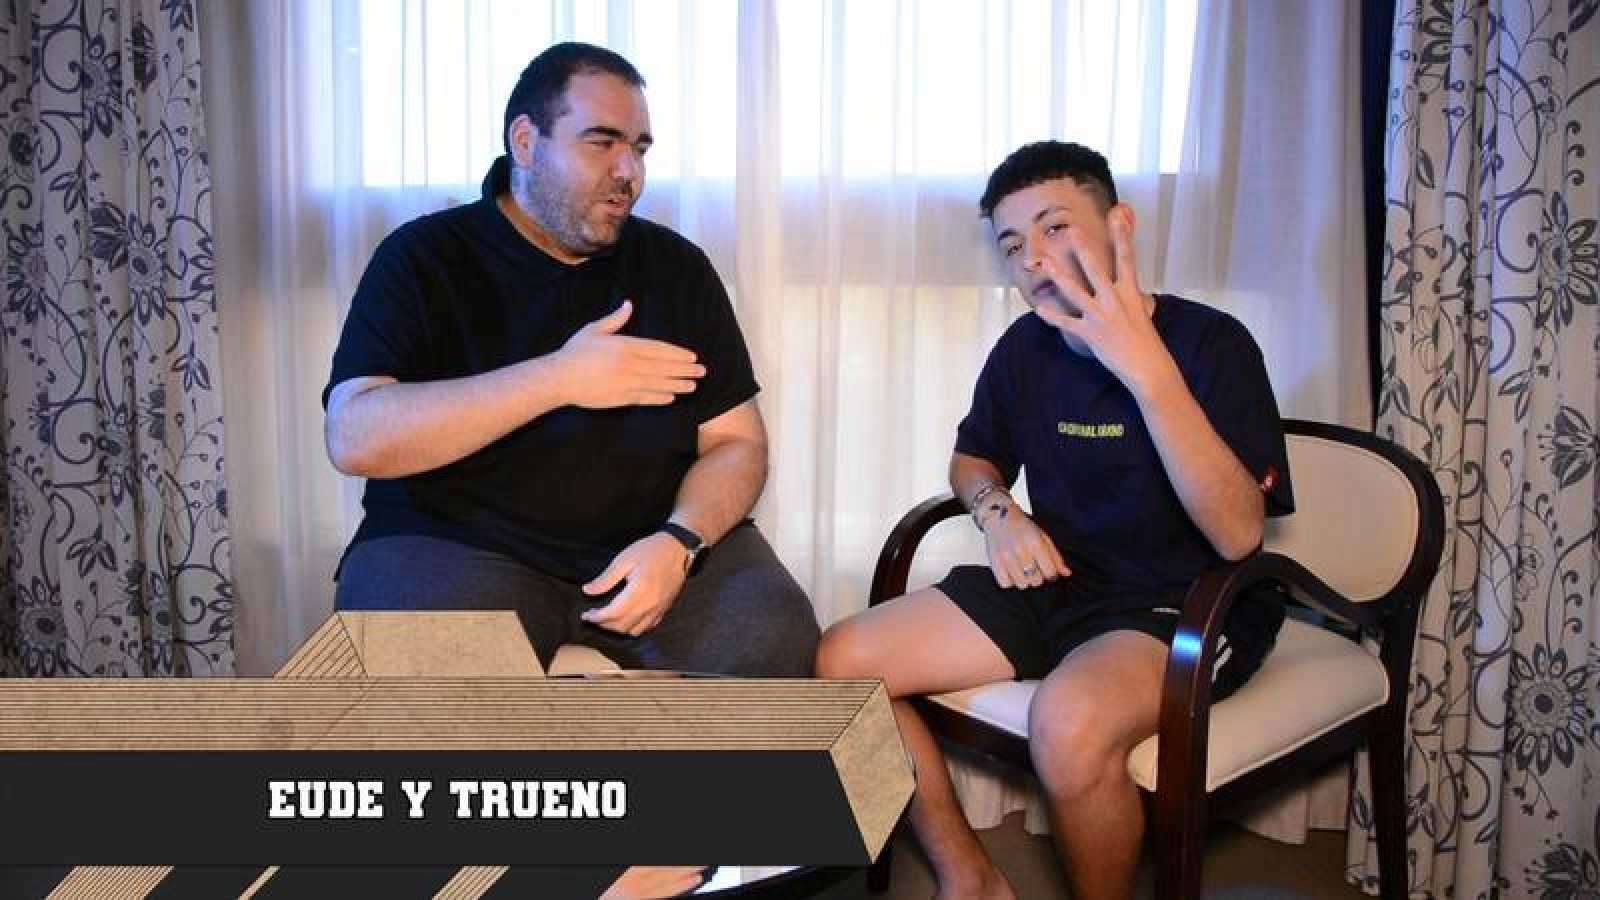 Trueno, el freestyler más viral del mundo, esta semana en `Ritmo urbano¿